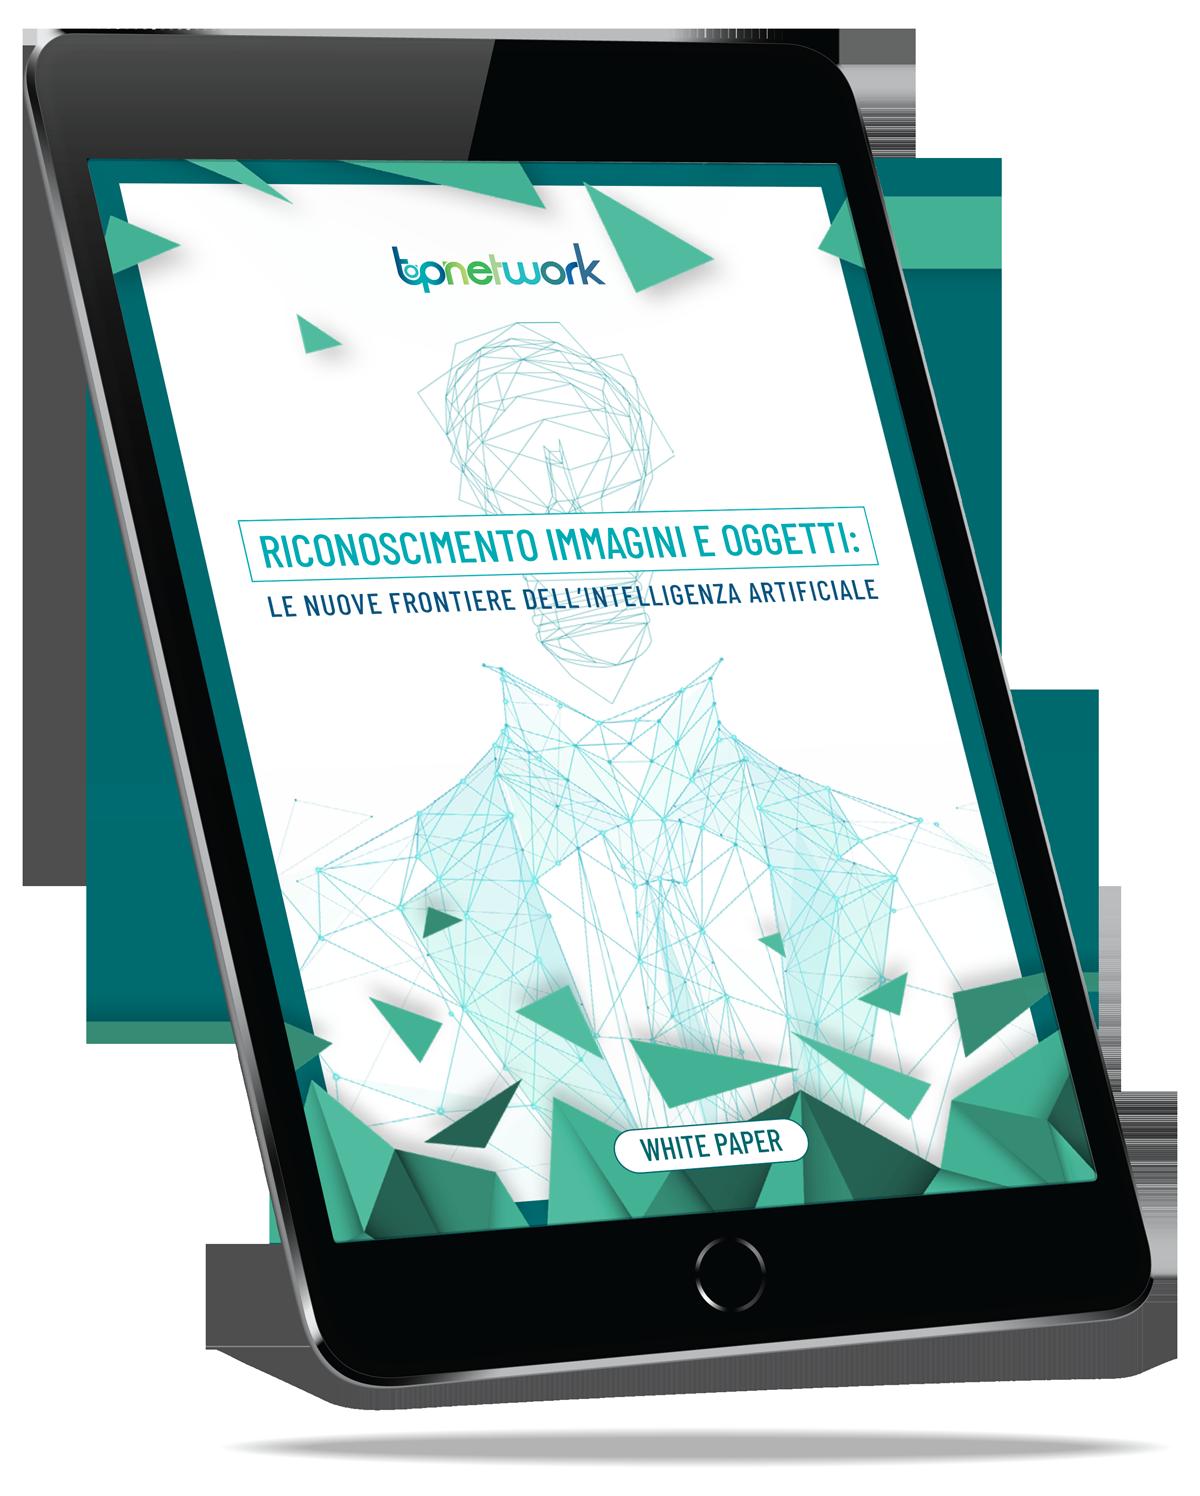 MockUp_WP_Riconoscimento-immagini-e-oggetti-le-nuove-frontiere-dell-IA_tablet